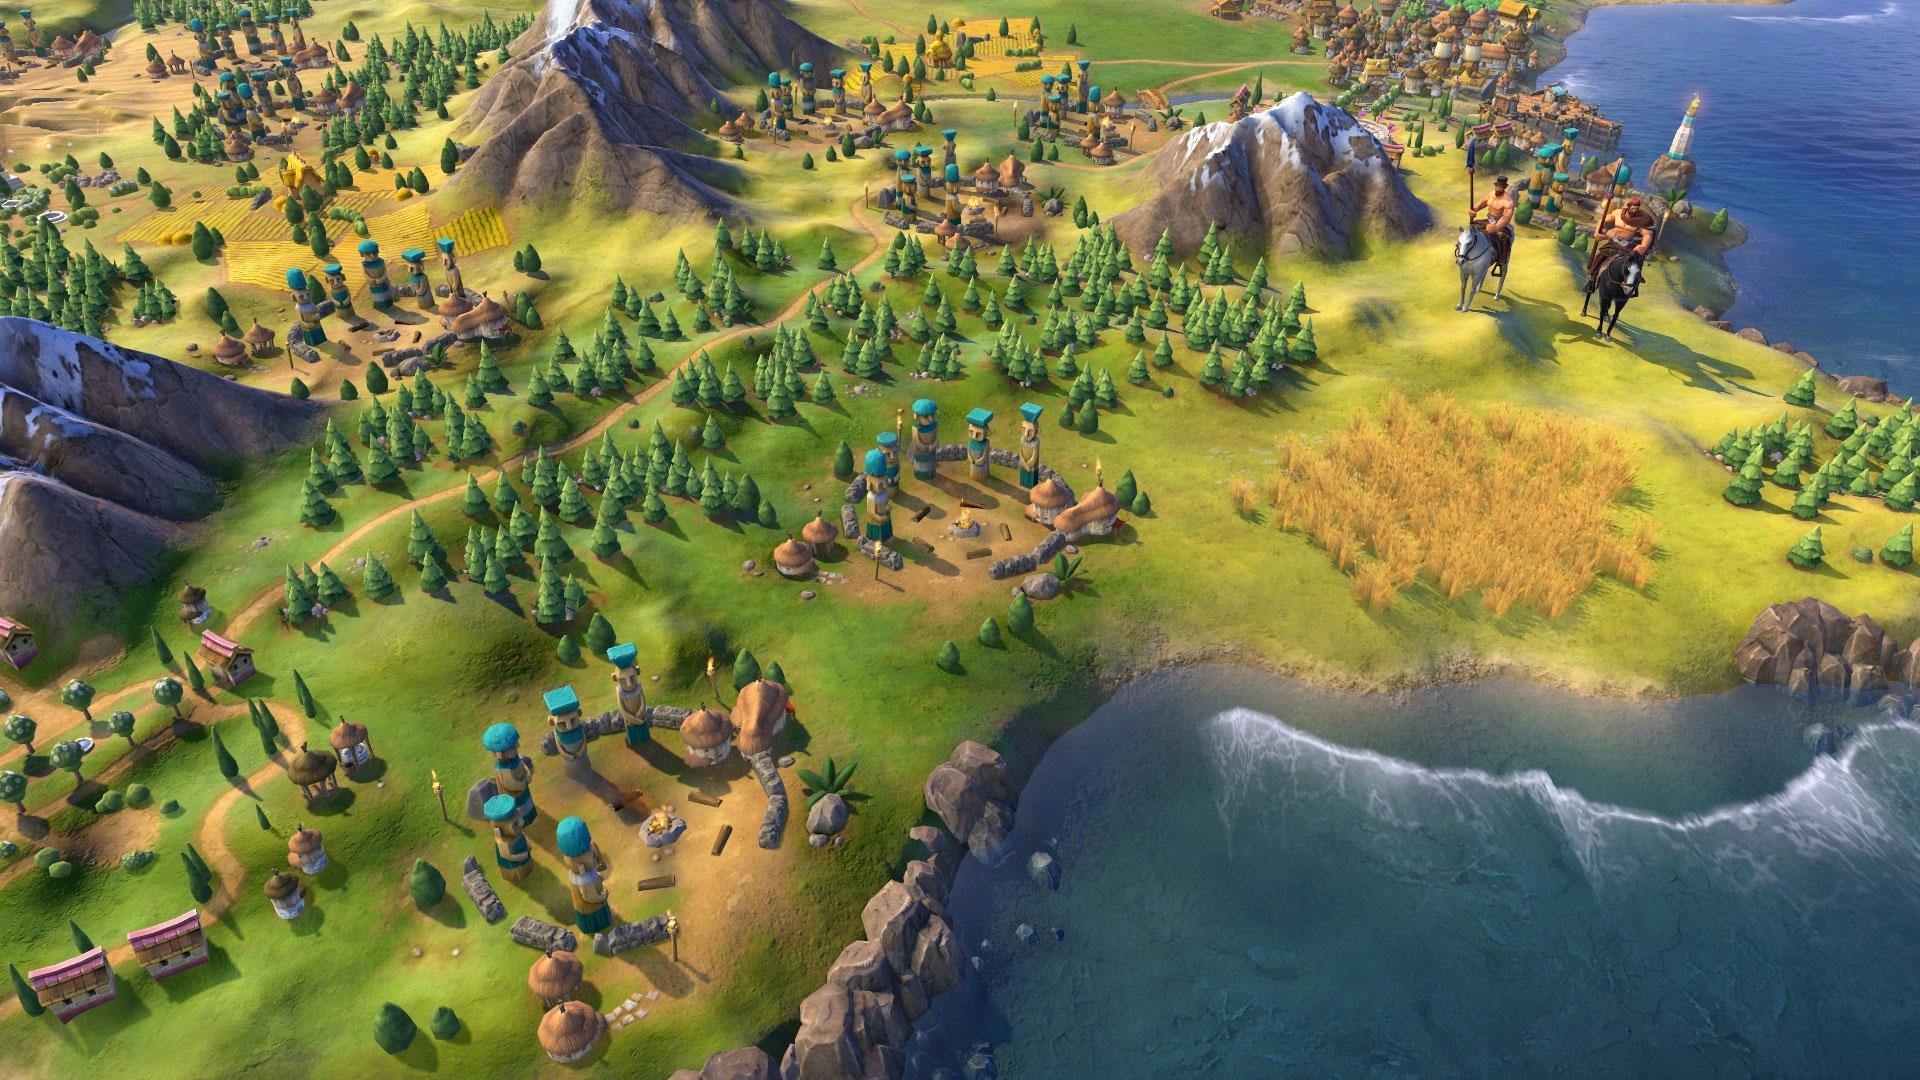 2KGMKT_CivilizationVI-RF_Game-Art_Cree_Mapuche_Chemamull_1_4.jpg